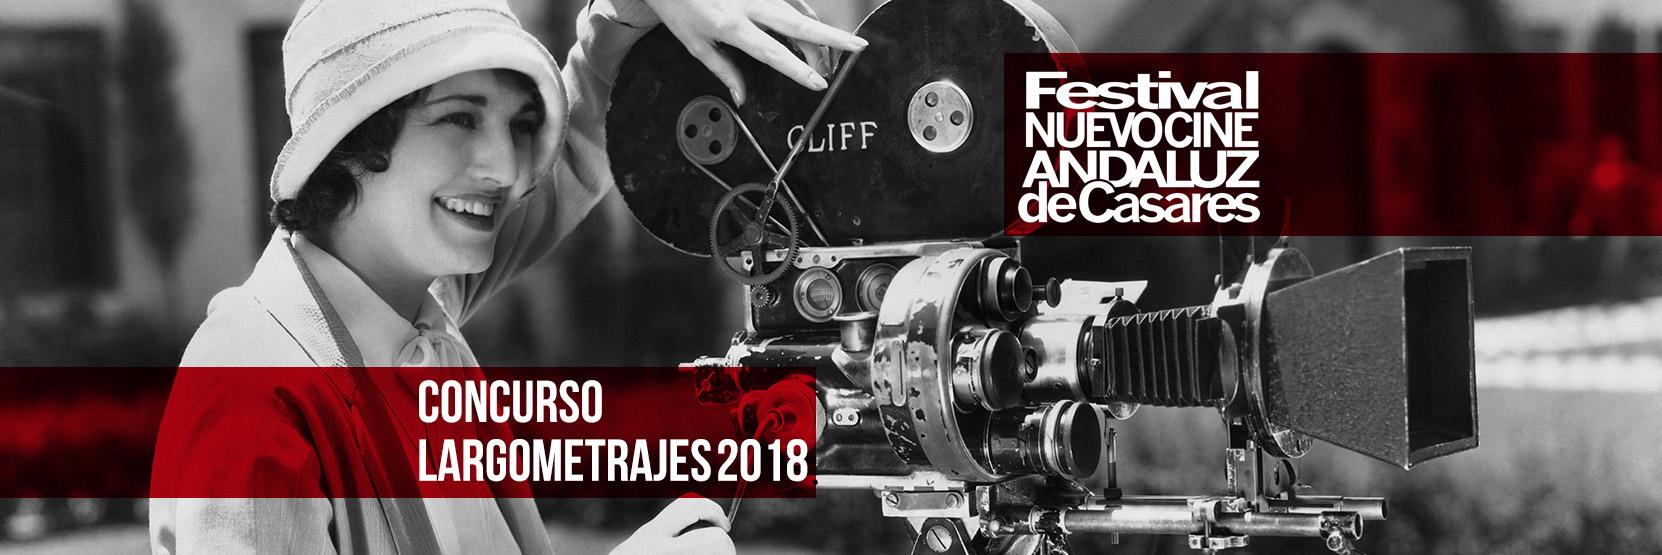 Concurso Largometrajes Nuevo Cine Andaluz 2018